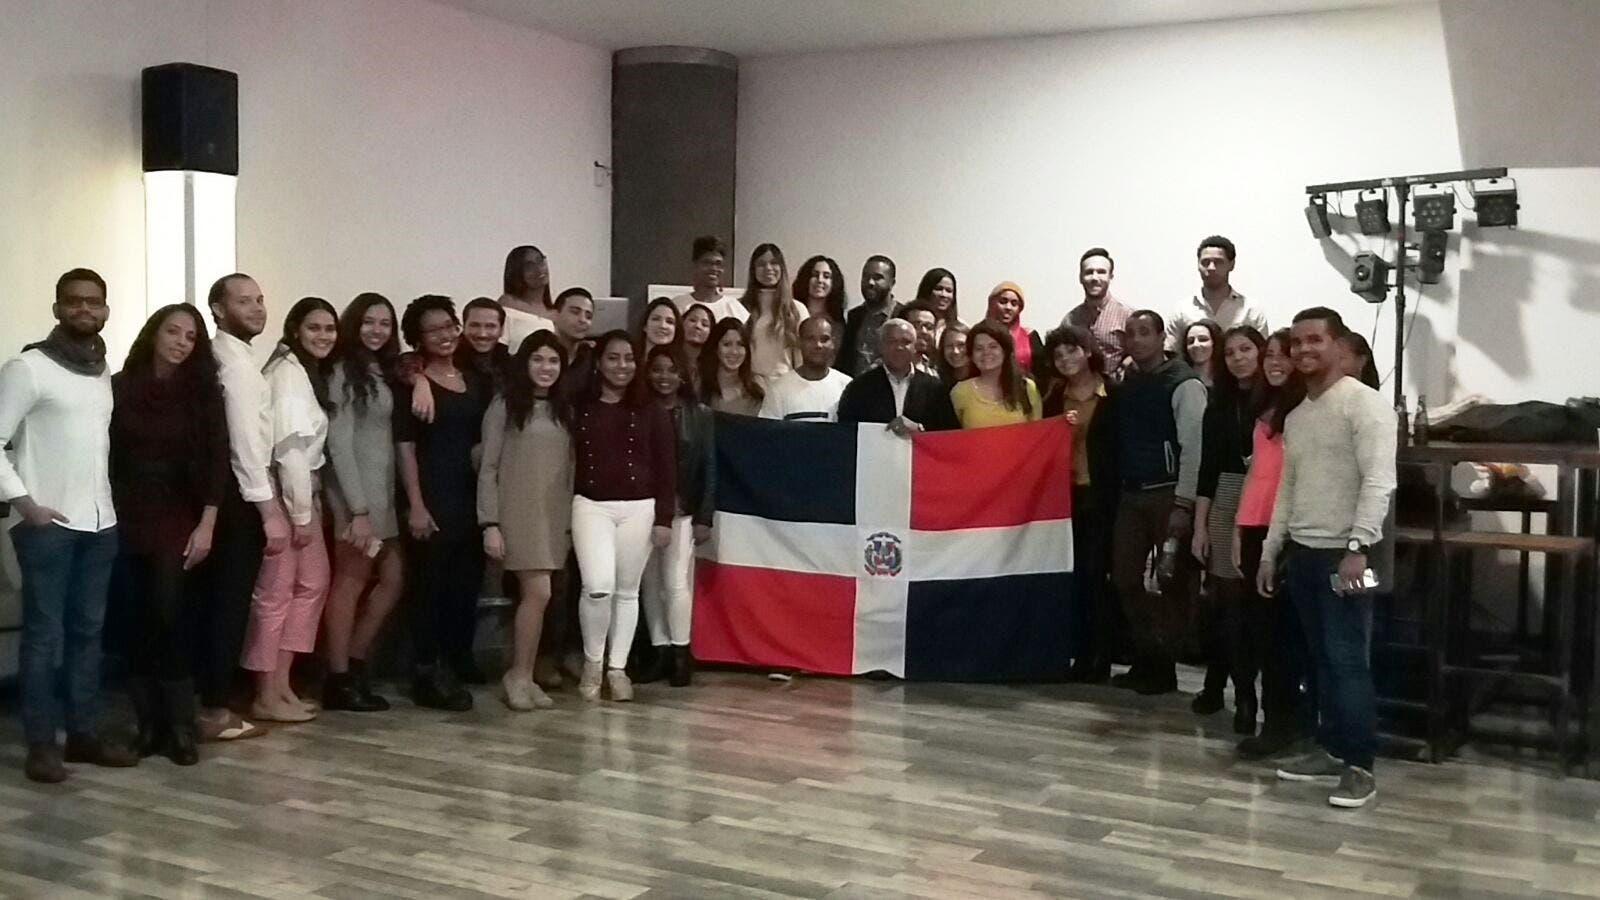 Consulado y estudiantes dominicanos comparten encuentro navideño en Francia